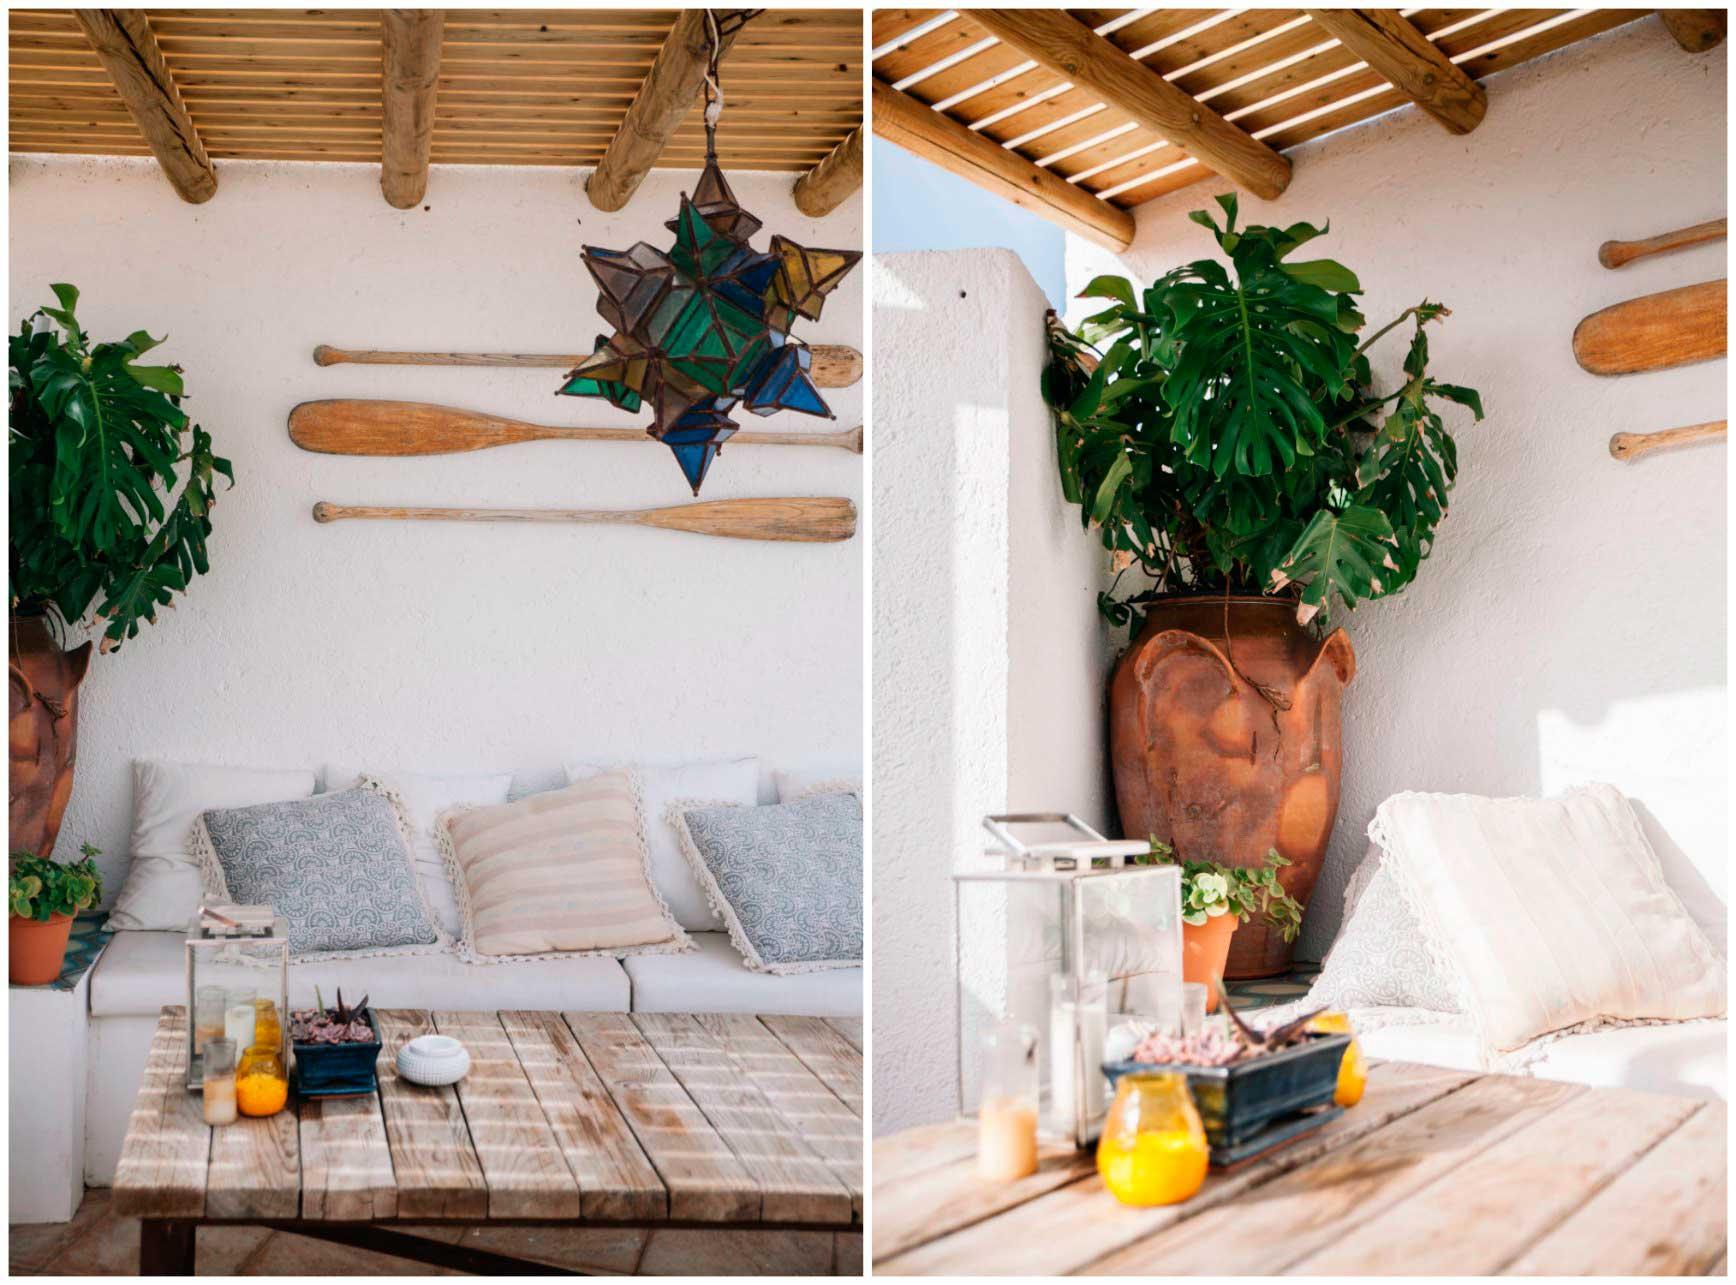 Alojamiento Cabo de Gata - Airbnb_claraBmartin_19